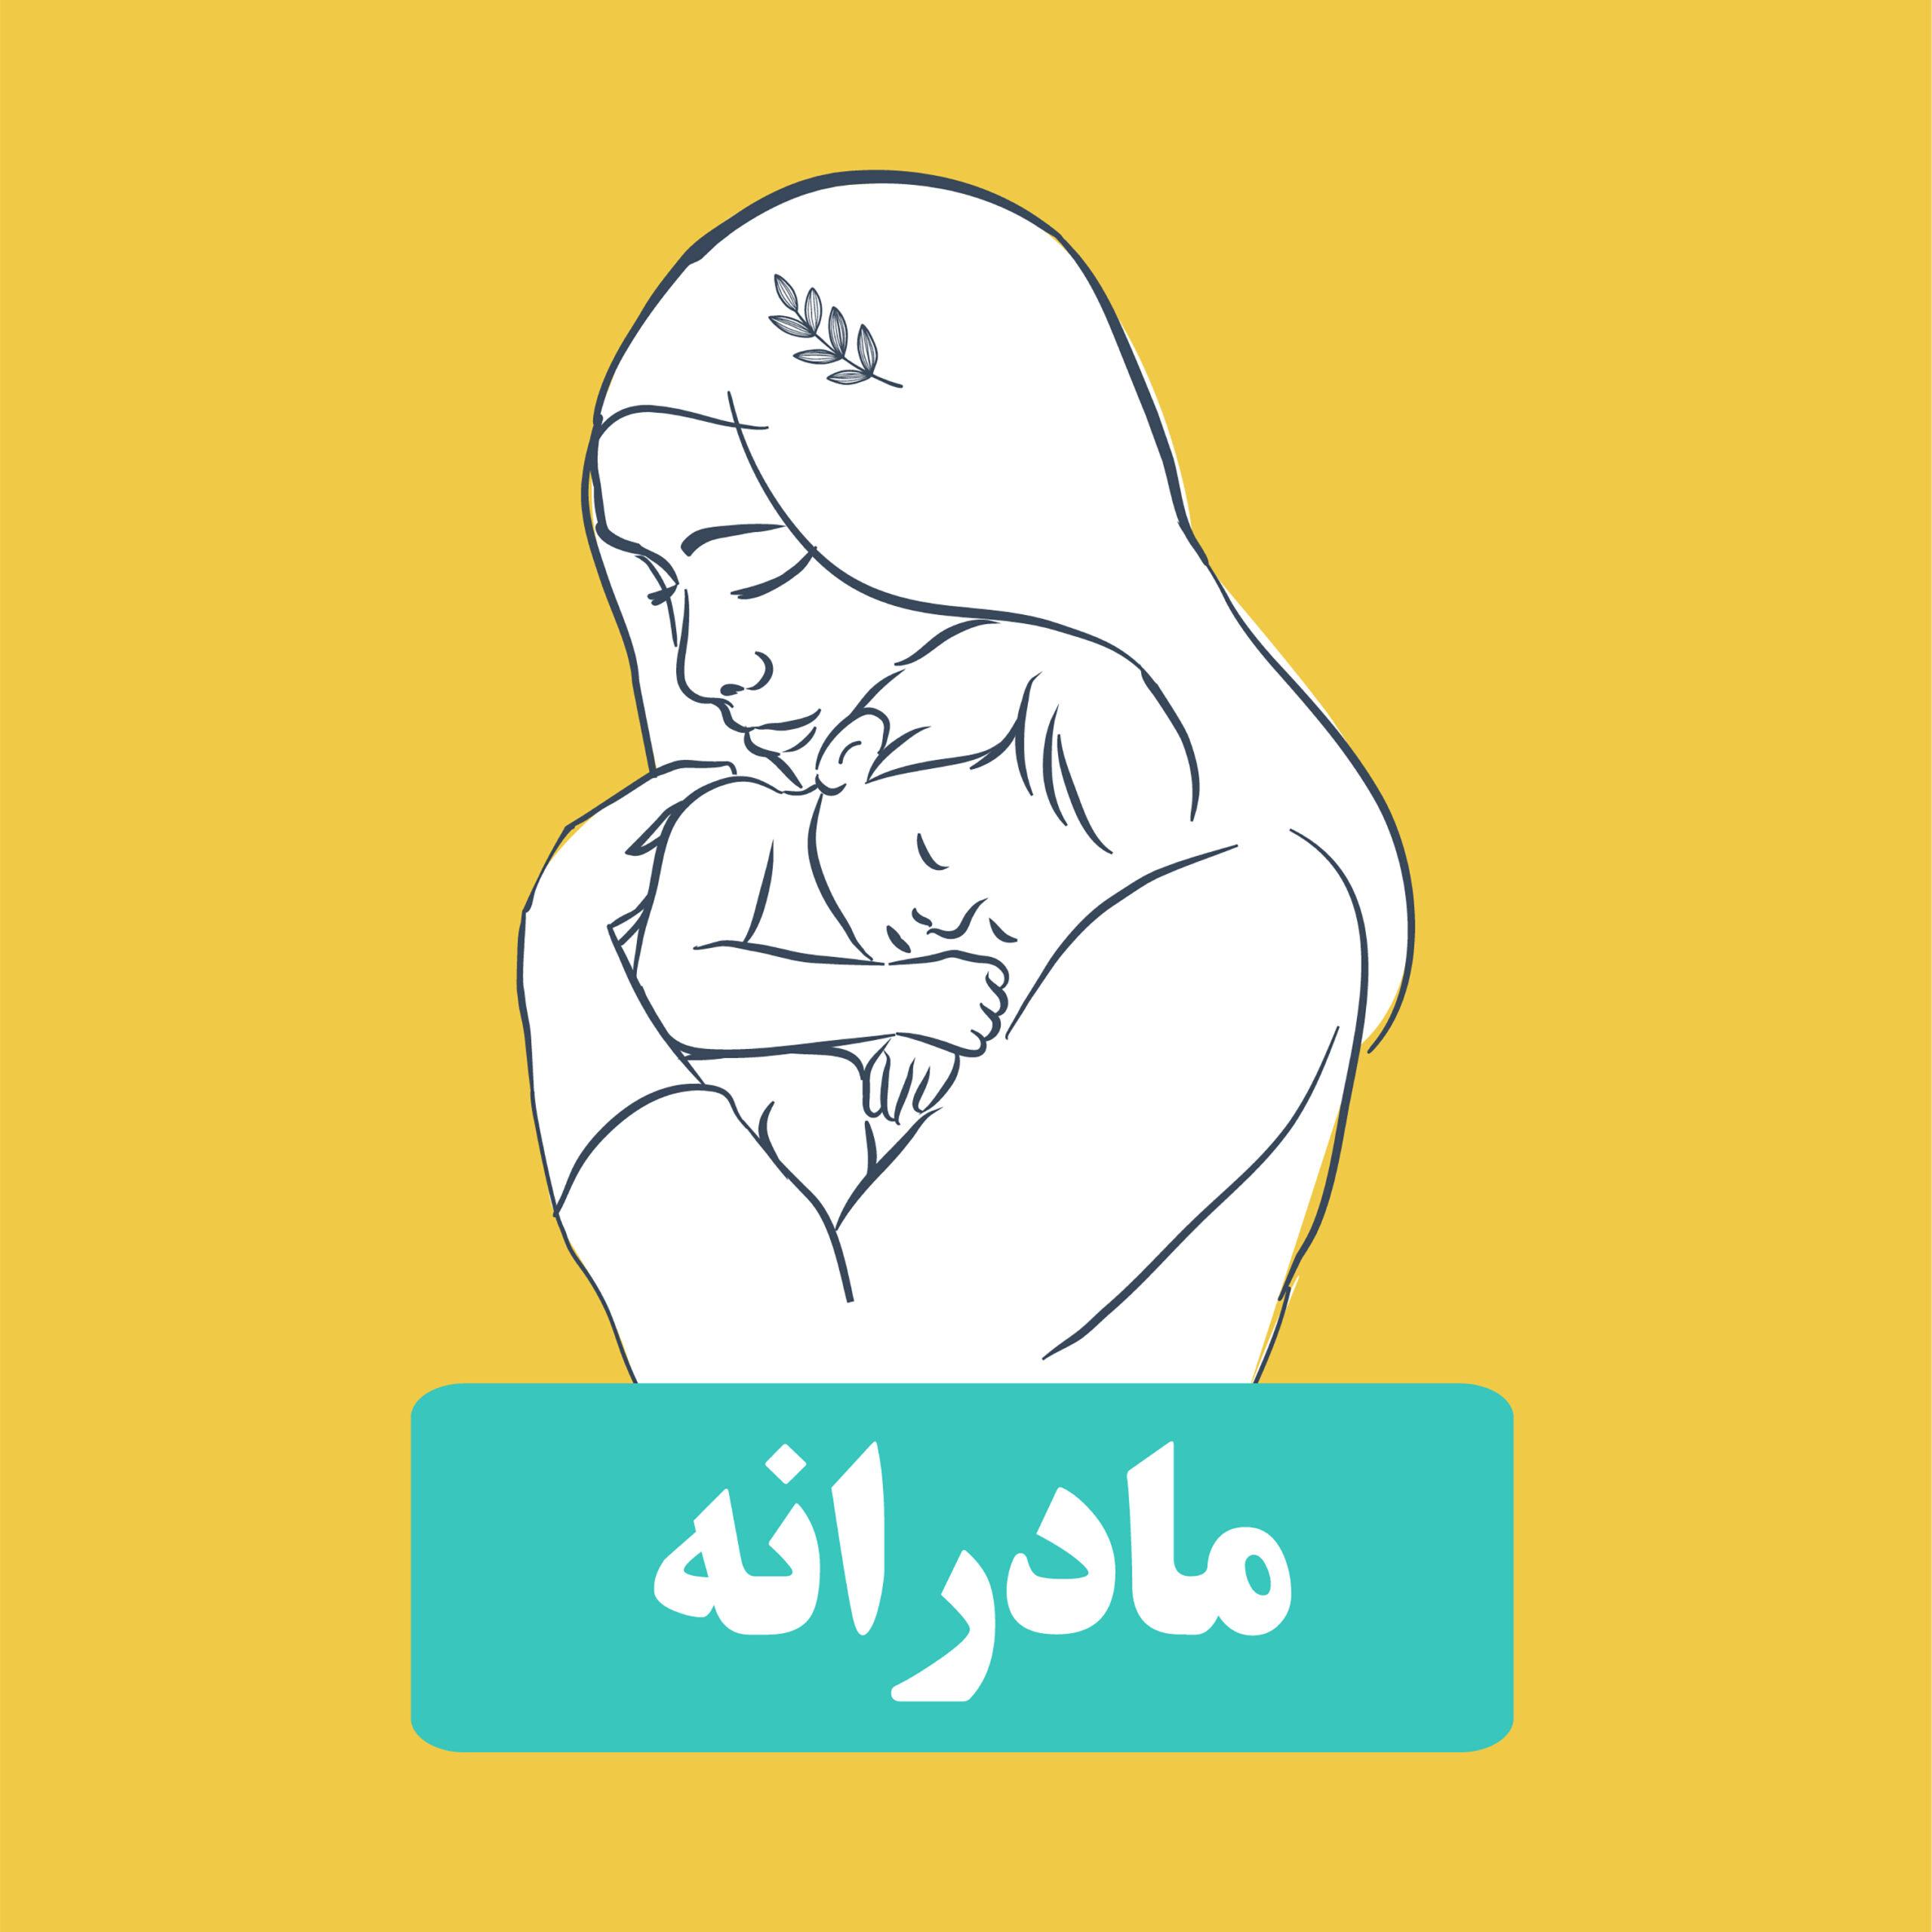 اپیزود ۲۴: چگونه کودکم را برای مهاجرت و مواجه با محیط جدید آماده کنم که آسیب نبیند؟